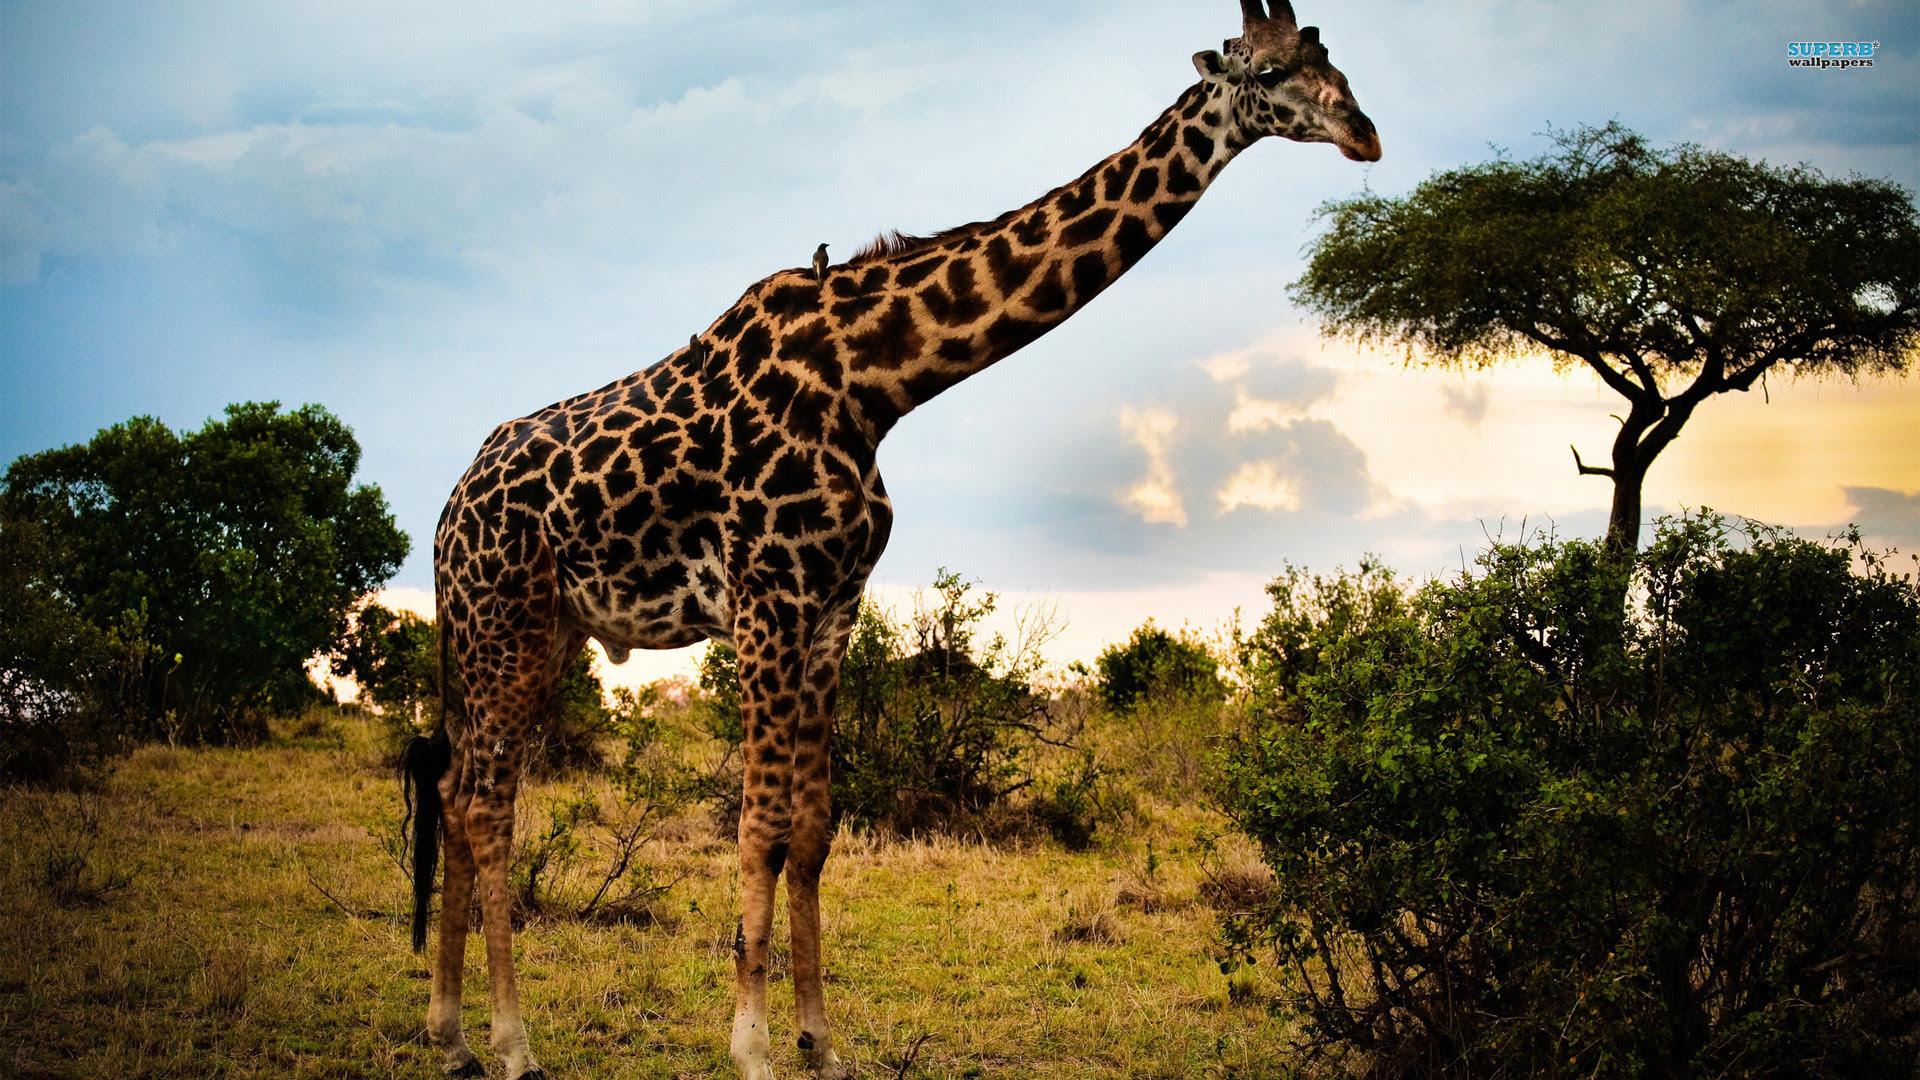 Cute Giraffe Wallpaper (62+ images)